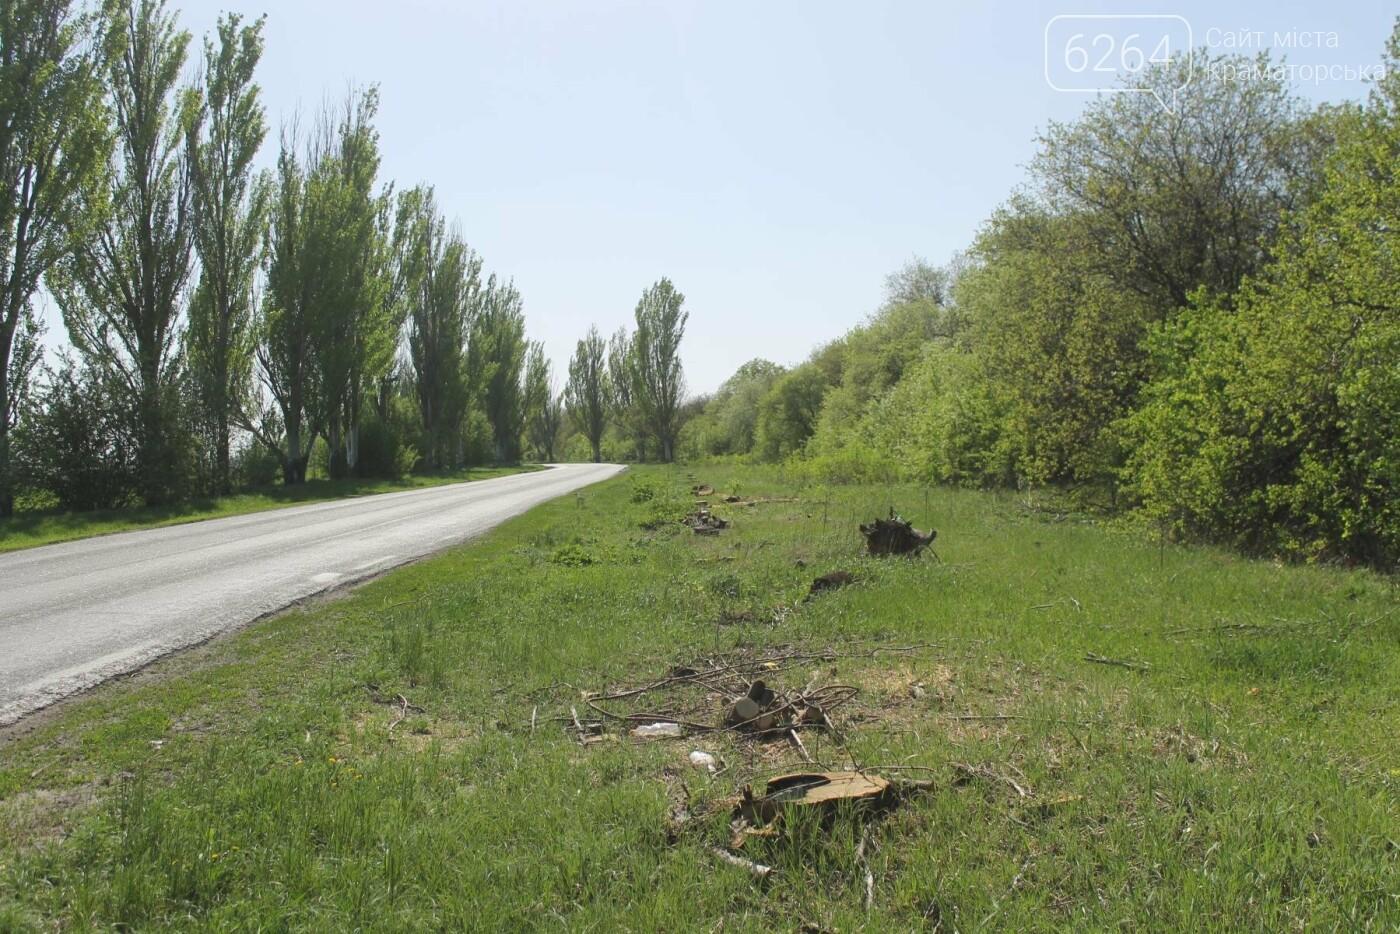 Опиловка близ Краматорска: непроглядный дым, вывоз отборного леса и скрытные «лесорубы», не знающие для кого и чего работают, фото-3